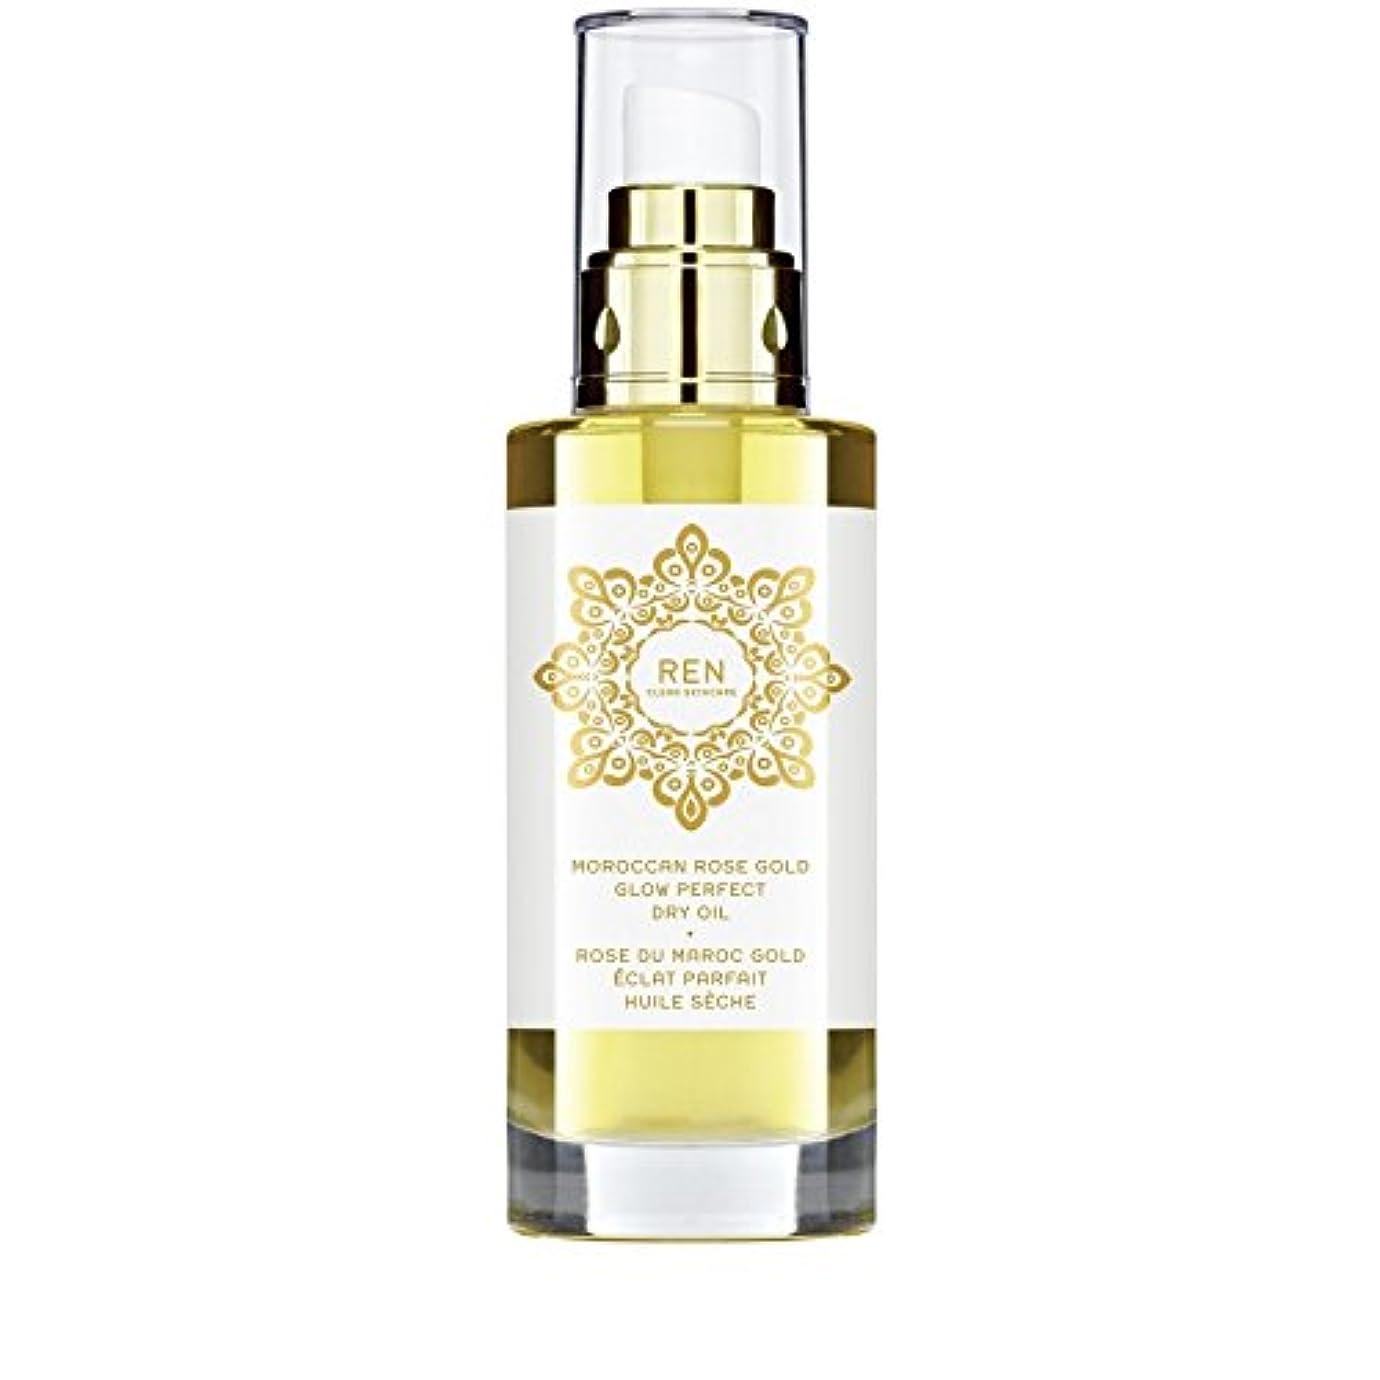 嫉妬世界に死んだウェイドREN Moroccan Rose Gold Glow Perfect Dry Oil 100ml - モロッコは金が完璧なドライオイル100ミリリットルグローバラ [並行輸入品]